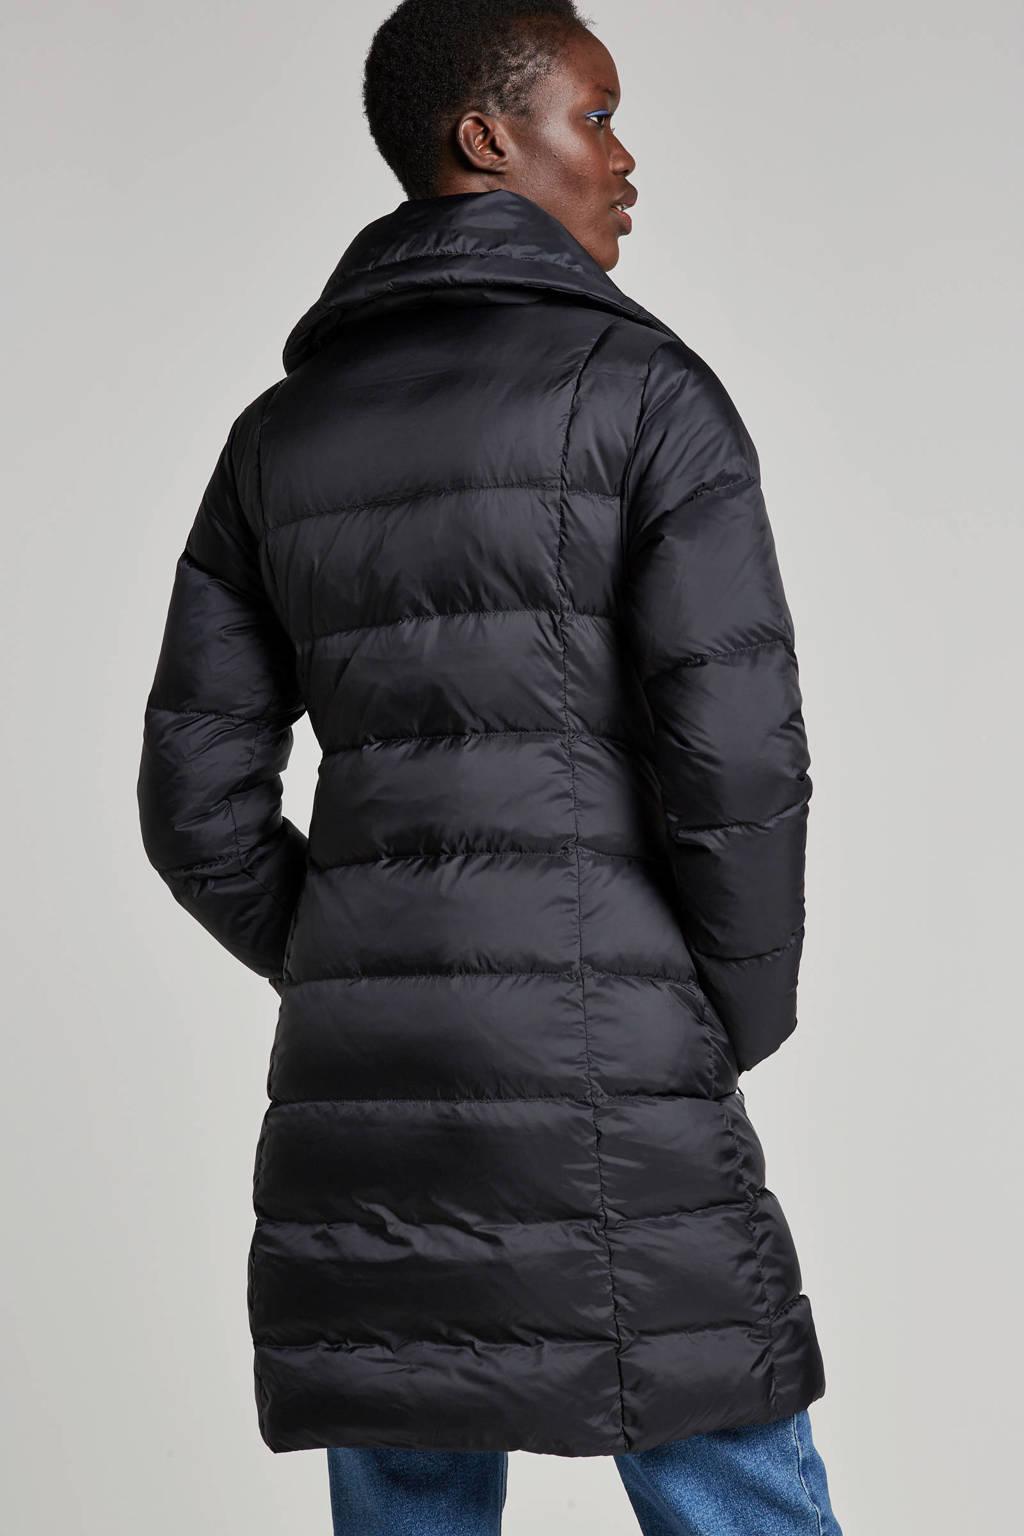 Super Moscow jas met dons | wehkamp DG-73